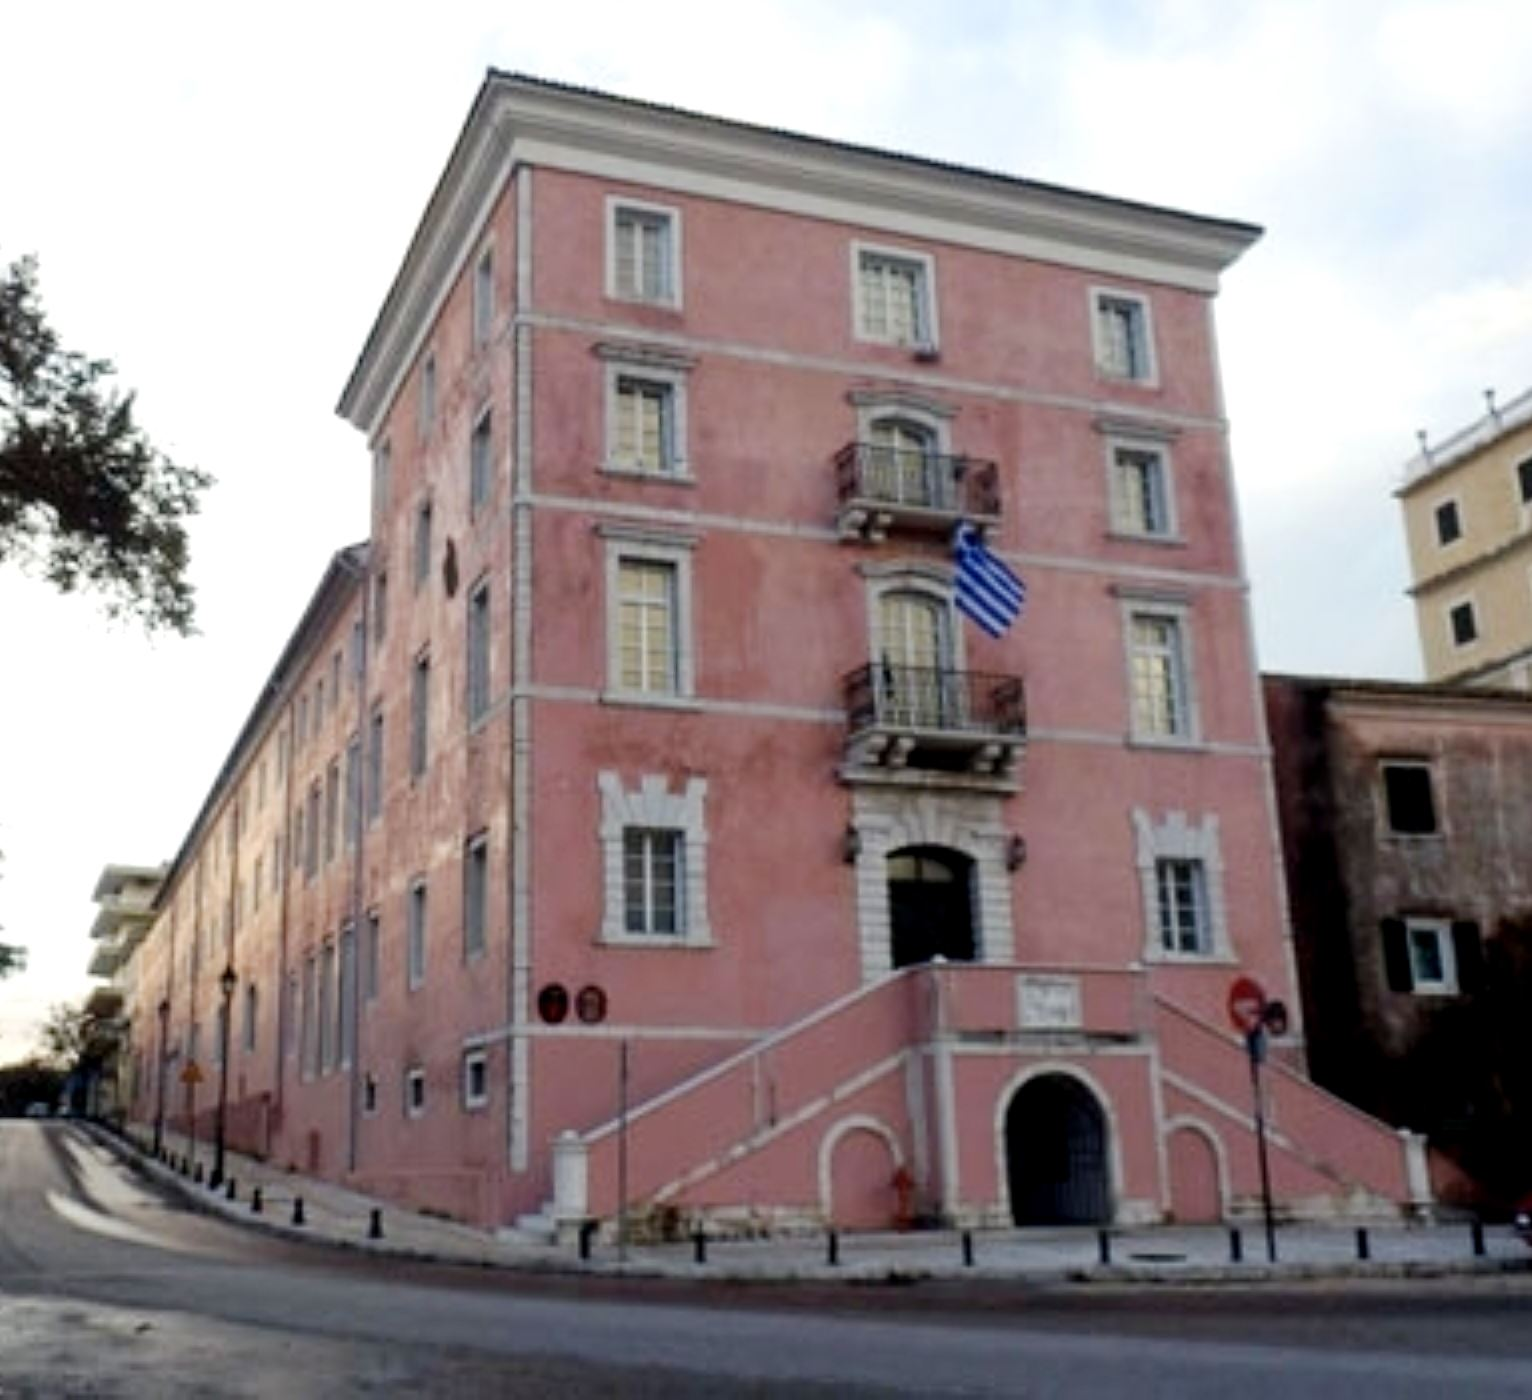 Το ανακαινισμένο κτήριο της Ιονίου Ακαδημίας. Σήμερα στεγάζει την Πρυτανεία του Ιονίου Πανεπιστημίου.